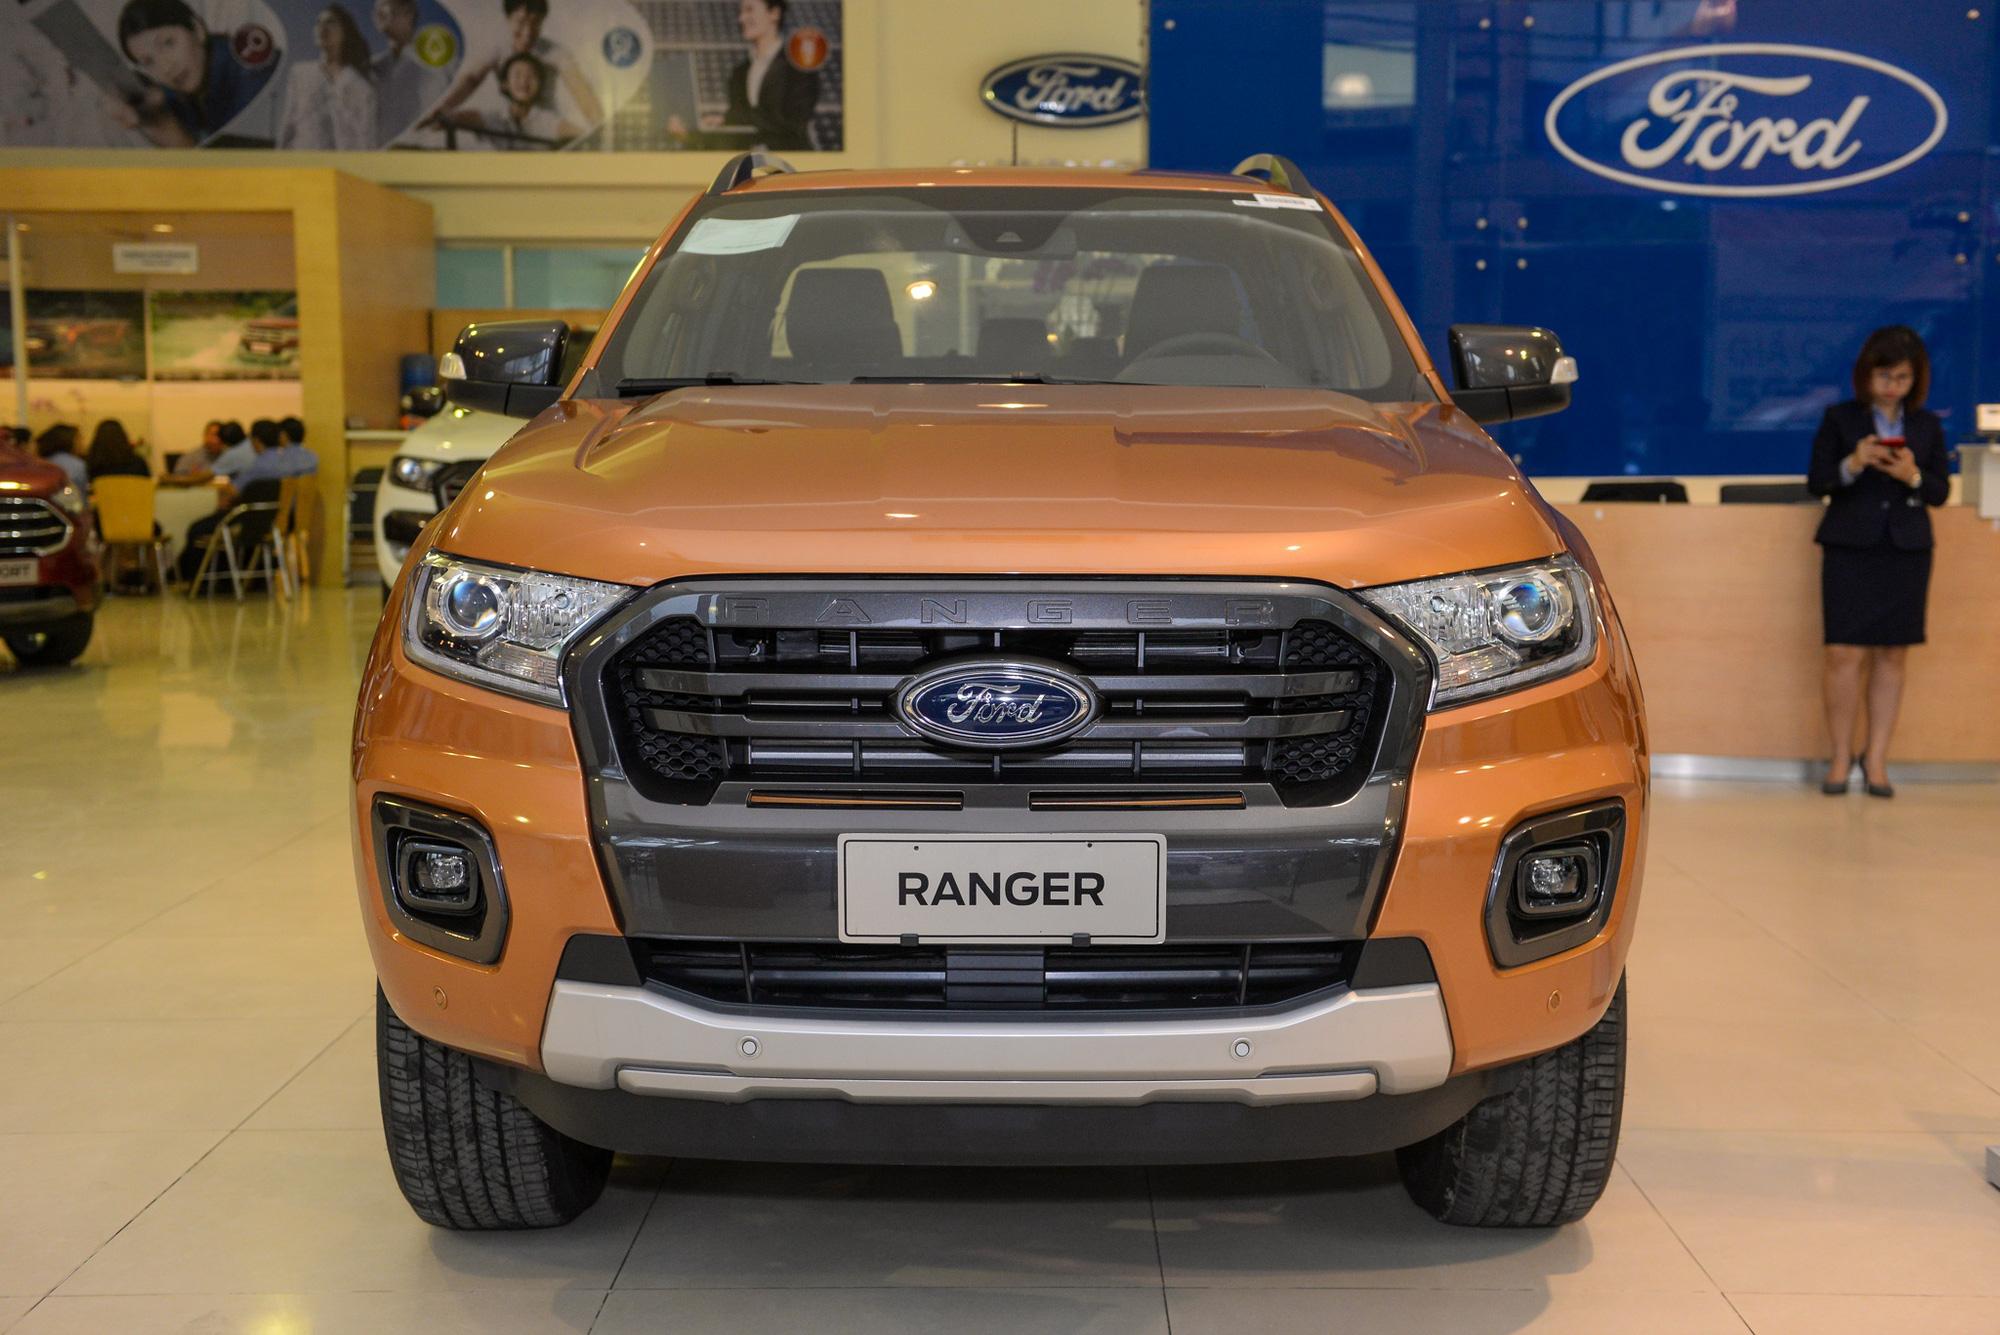 Giá bán Toyota Hilux và Ford Ranger bản cao cấp nhất chỉ chênh 5 triệu đồng.